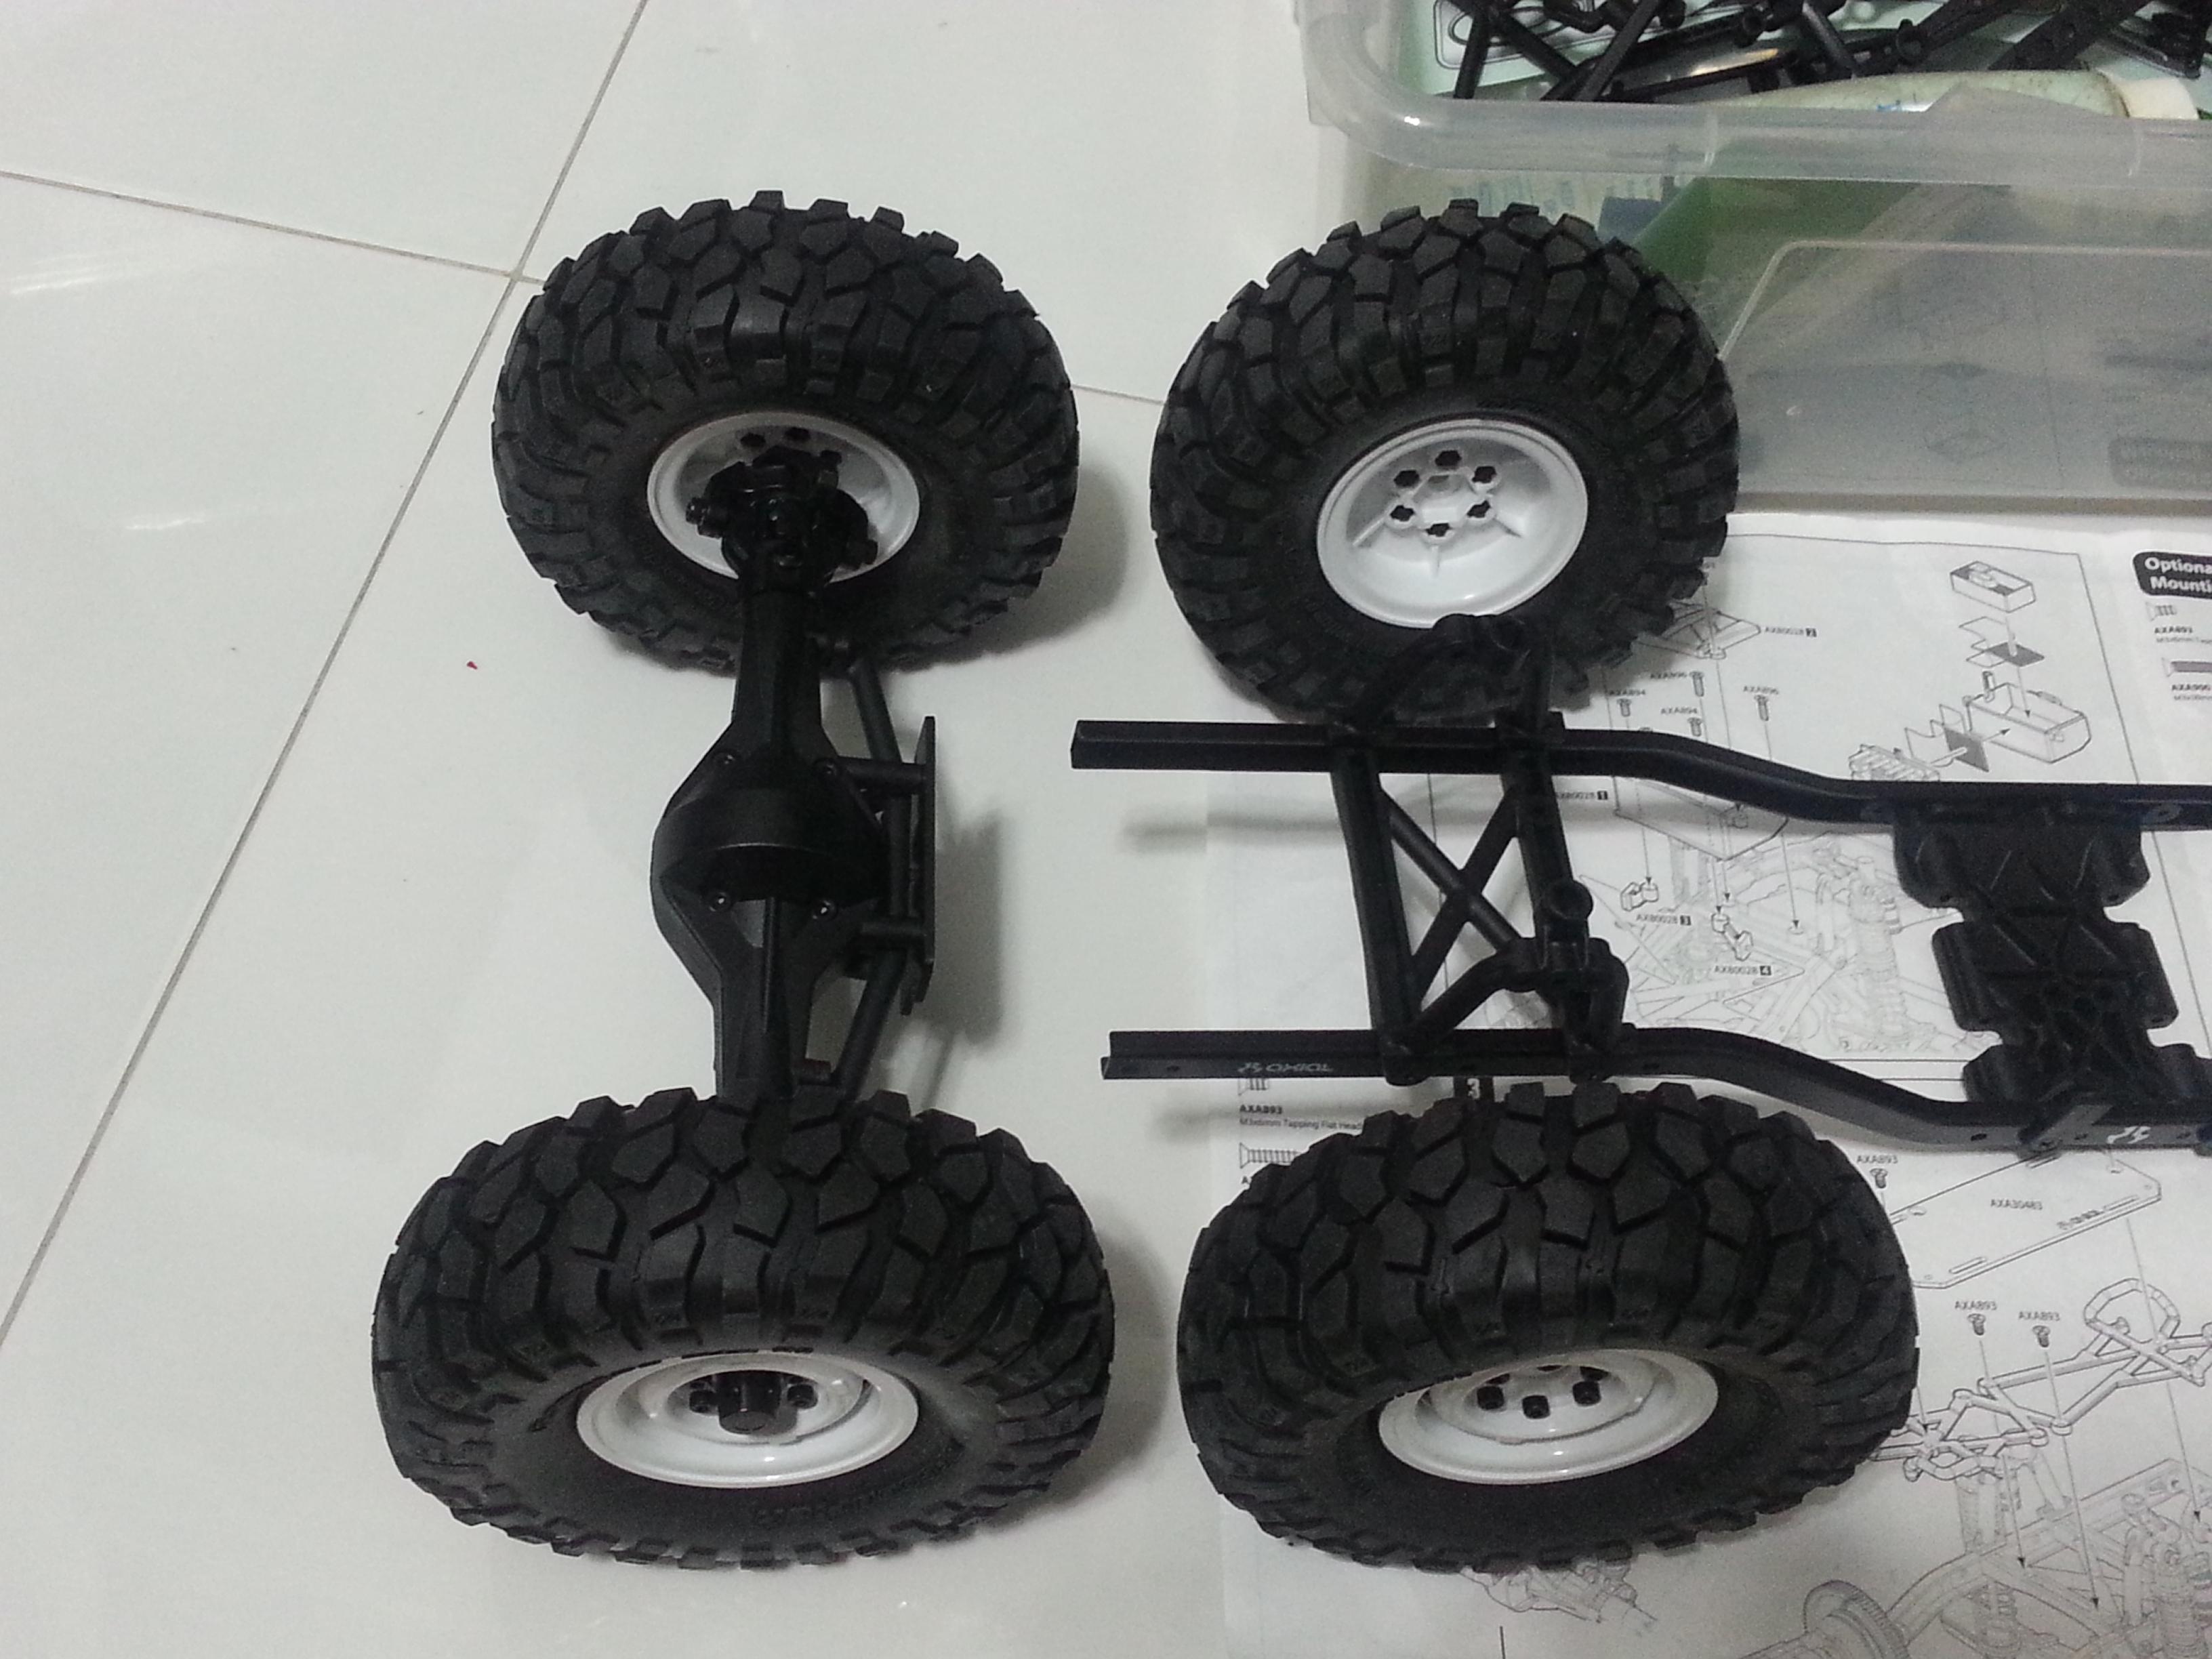 build - Babyboy's first 6x6 build 15588451309_ed4574a489_o